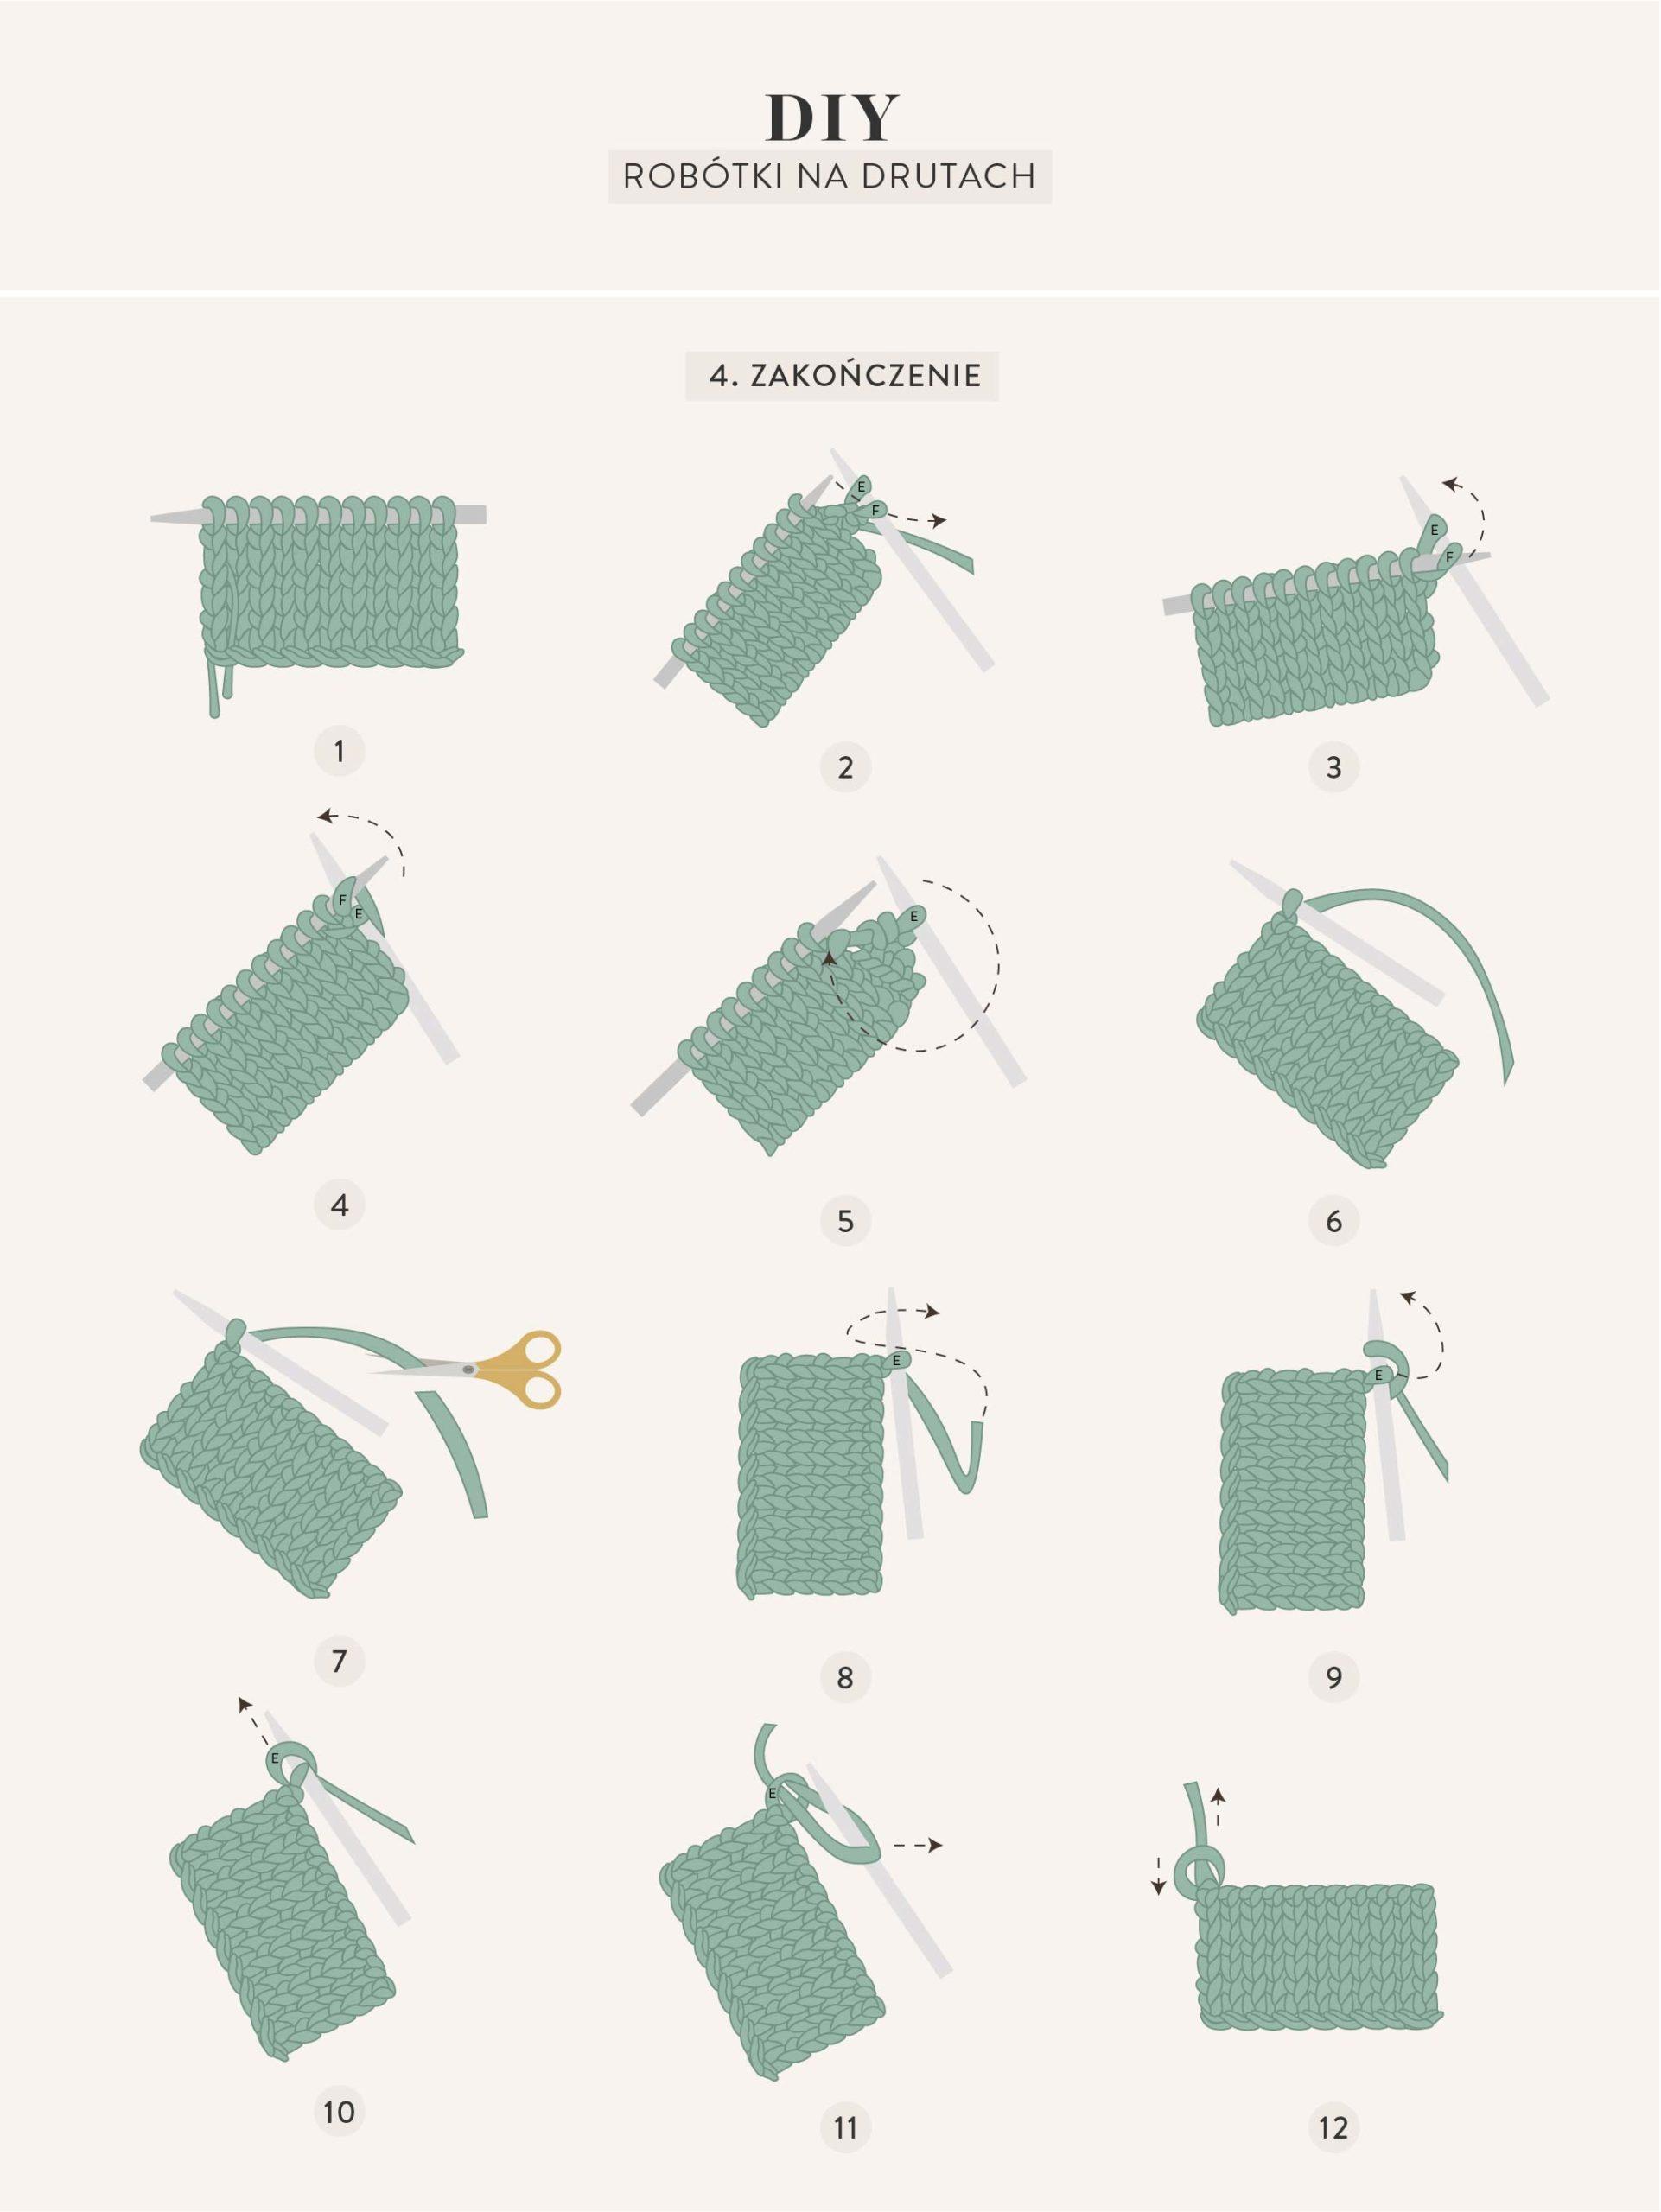 Robienie na drutach intrukcja z grafikami